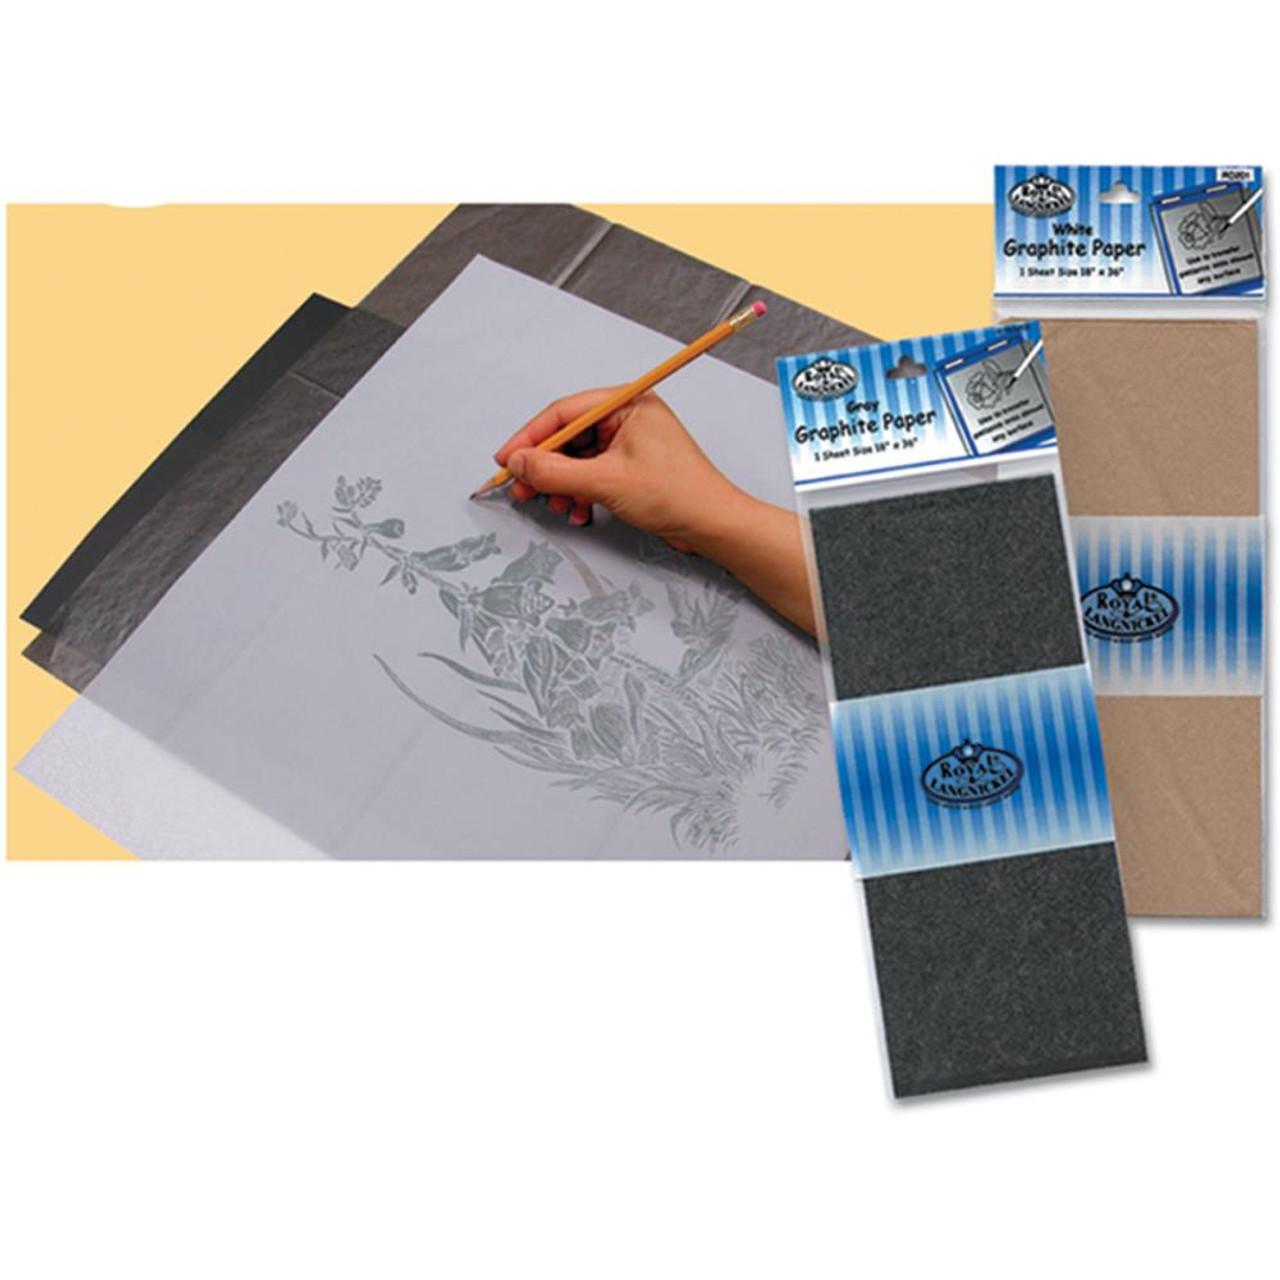 White DecoArt Americana Graphite Paper